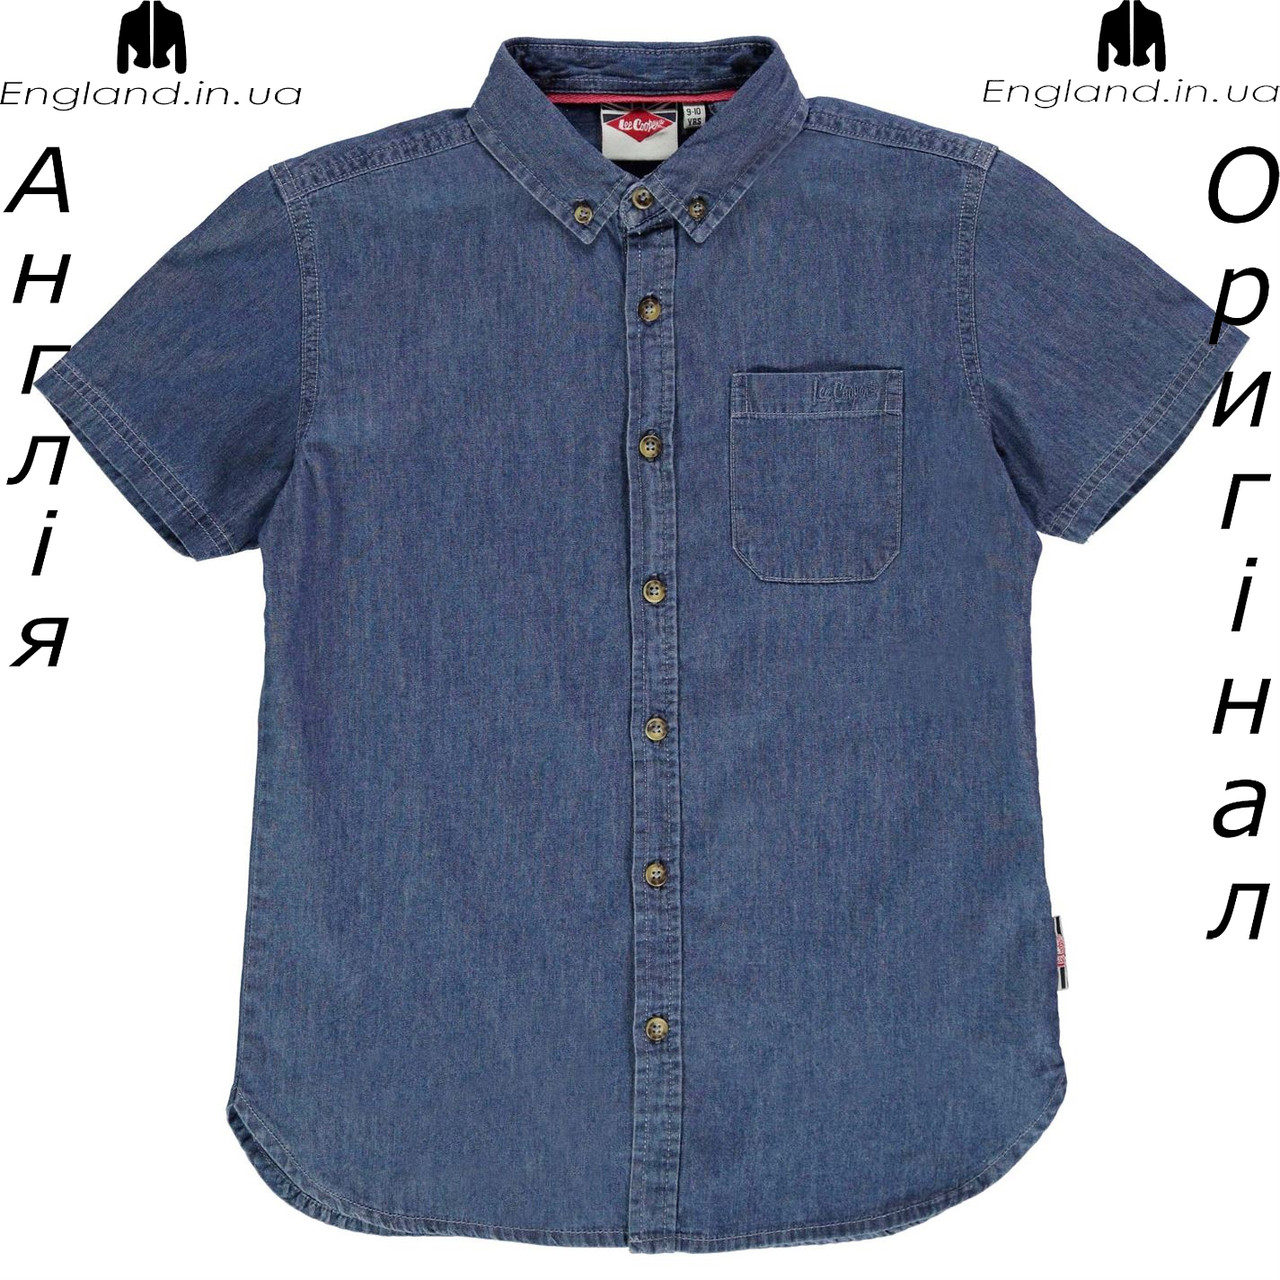 Рубашка Lee Cooper из Англии для мальчиков 2-14 лет - джинсовая(деним)